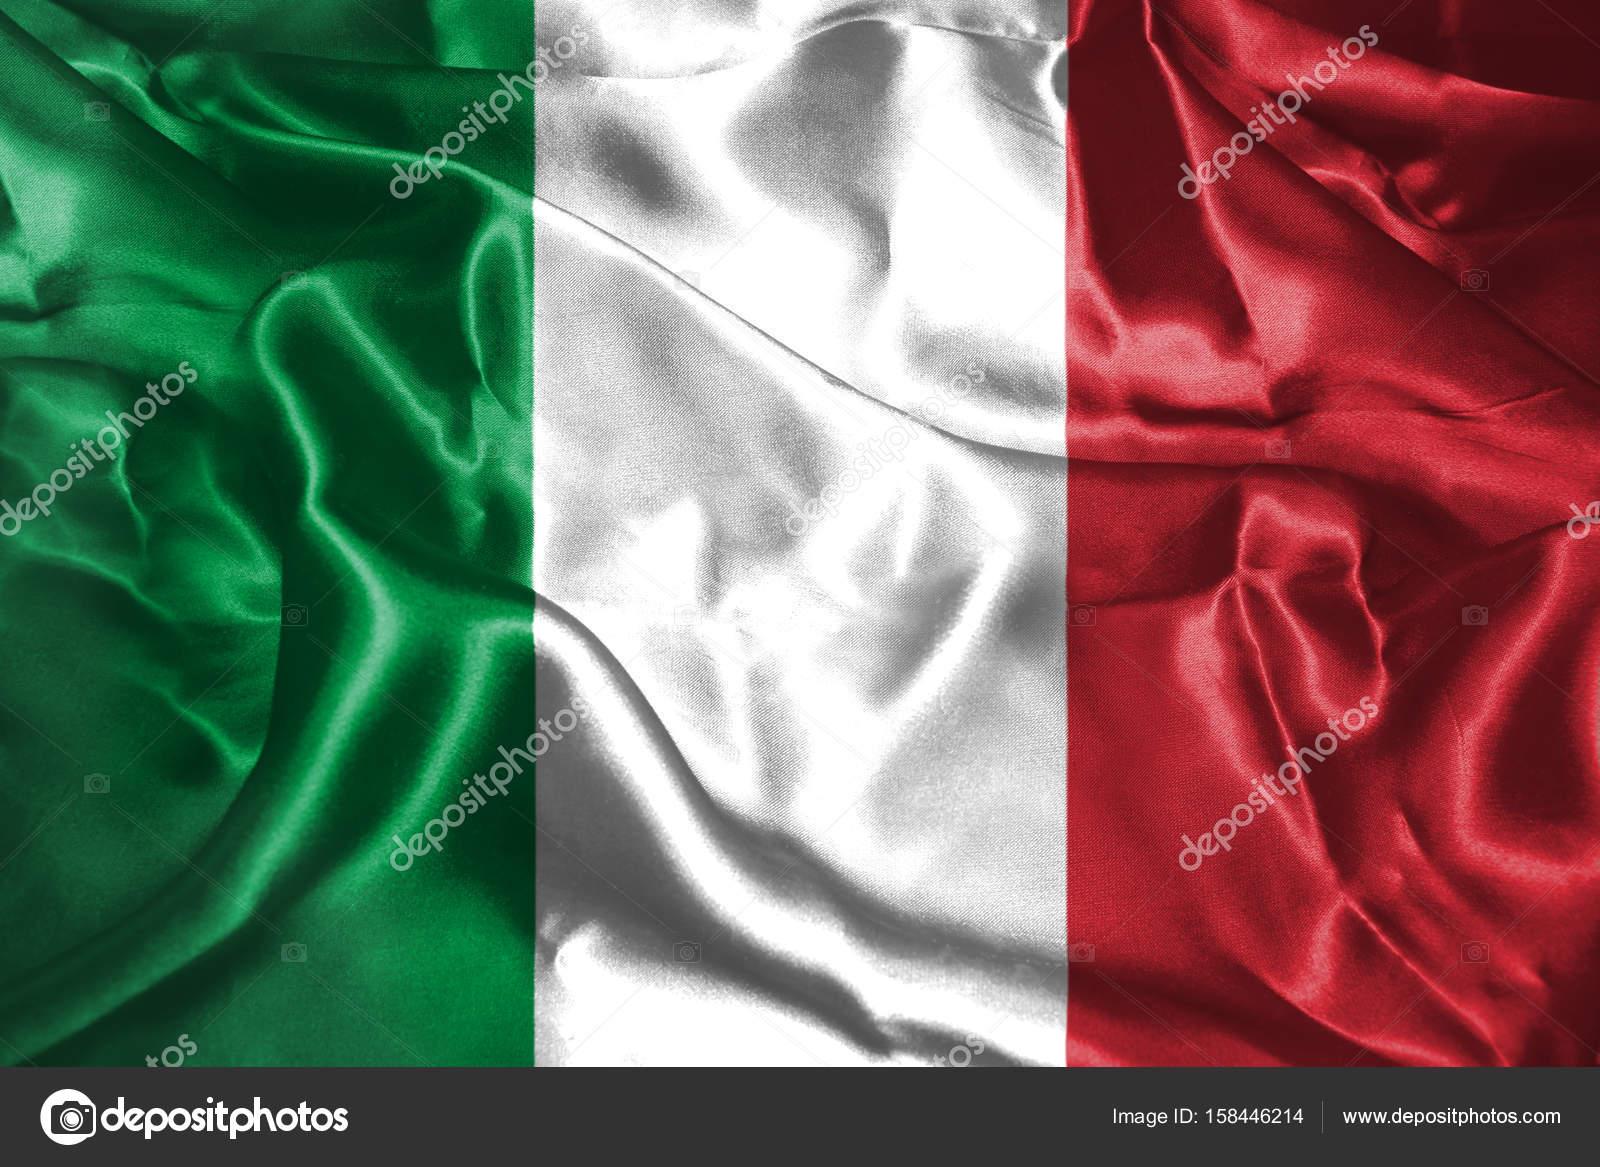 8624a64884be3 Bandeira da Itália. Cores oficiais e proporção. Nacional de ilustração de  bandeira da Itália